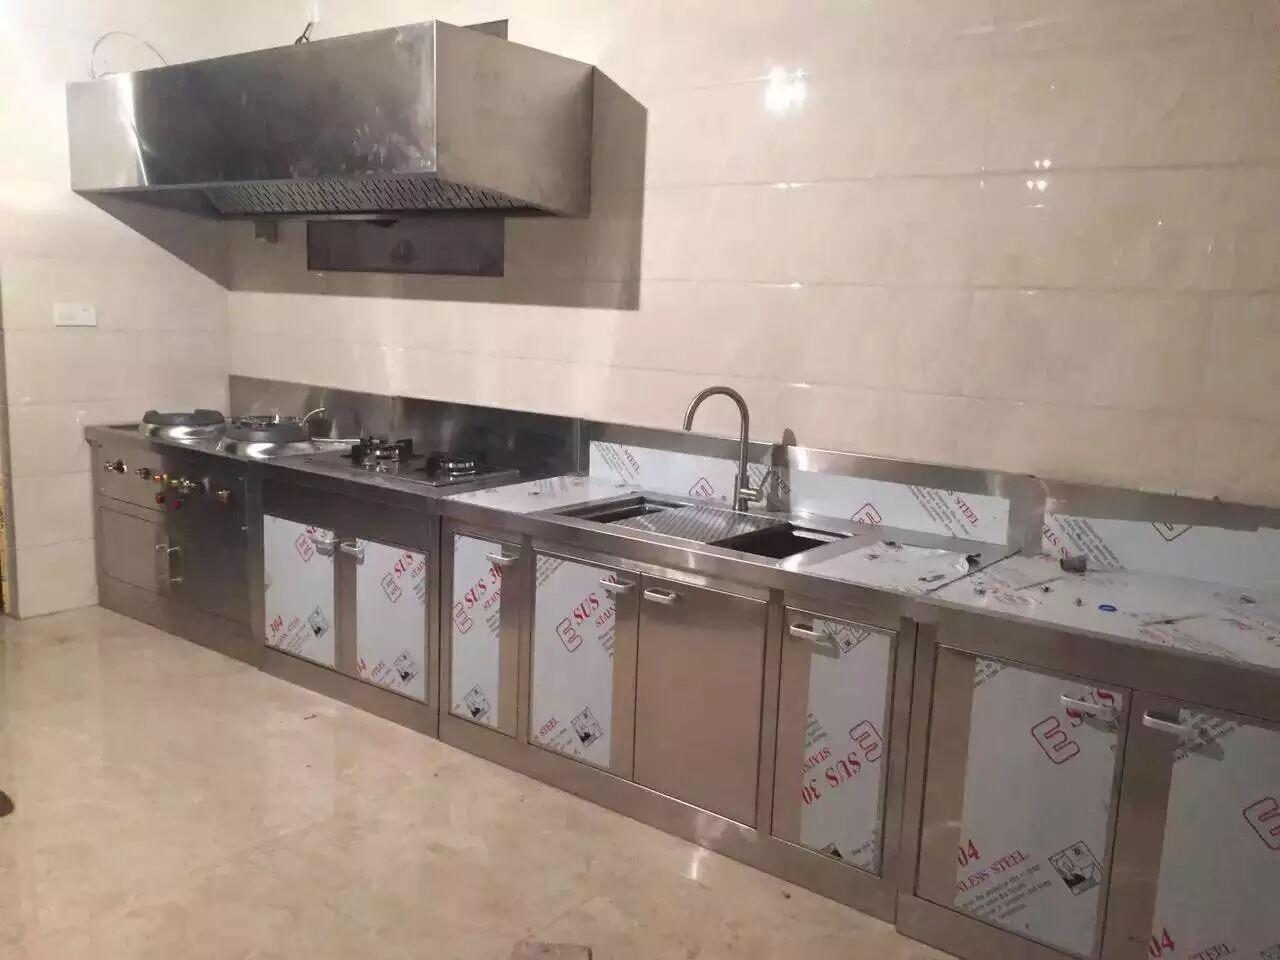 全季酒店(水城路店)厨房不锈钢操作台设备